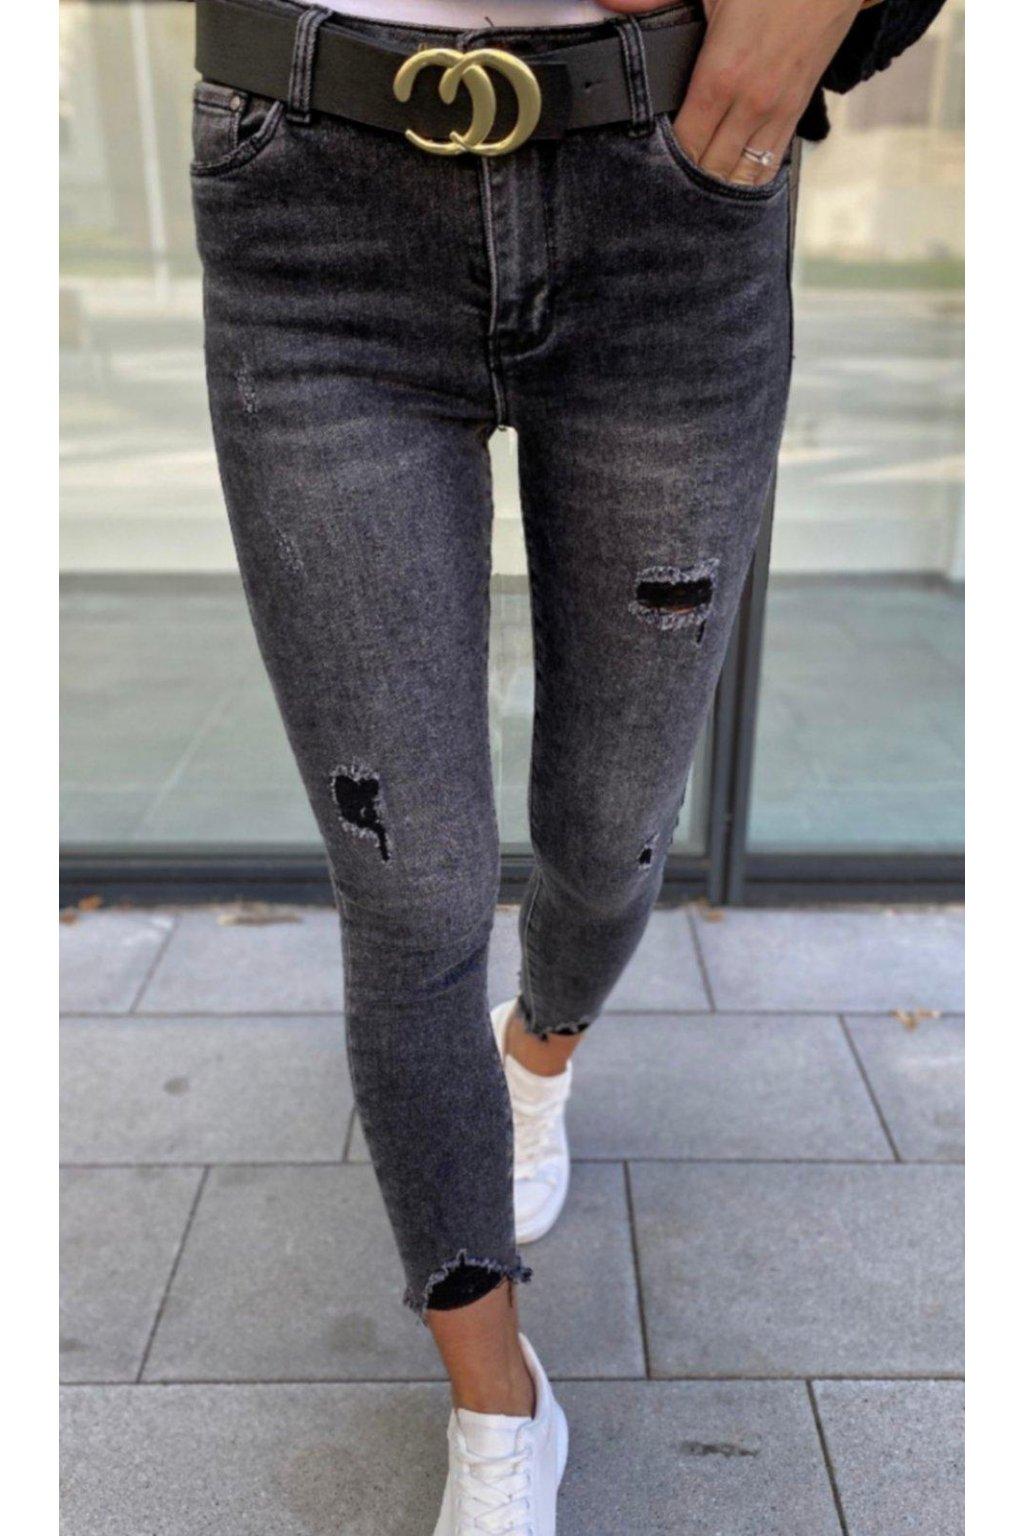 jeans tmavě šedé jemně trhané větší velikosti trendy